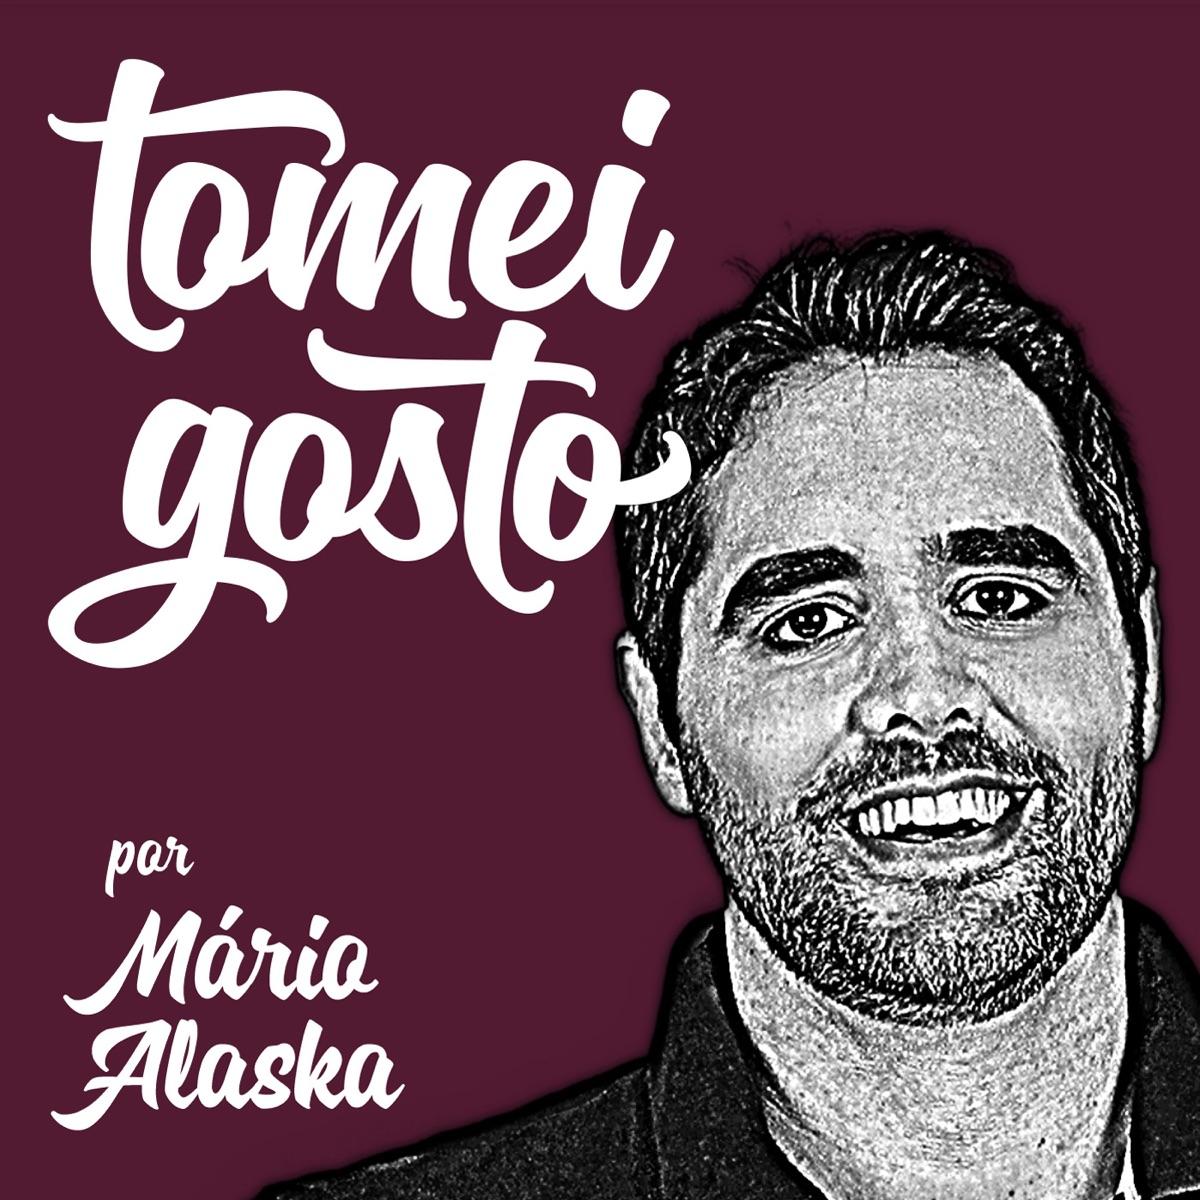 TOMEI GOSTO por Mario Alaska